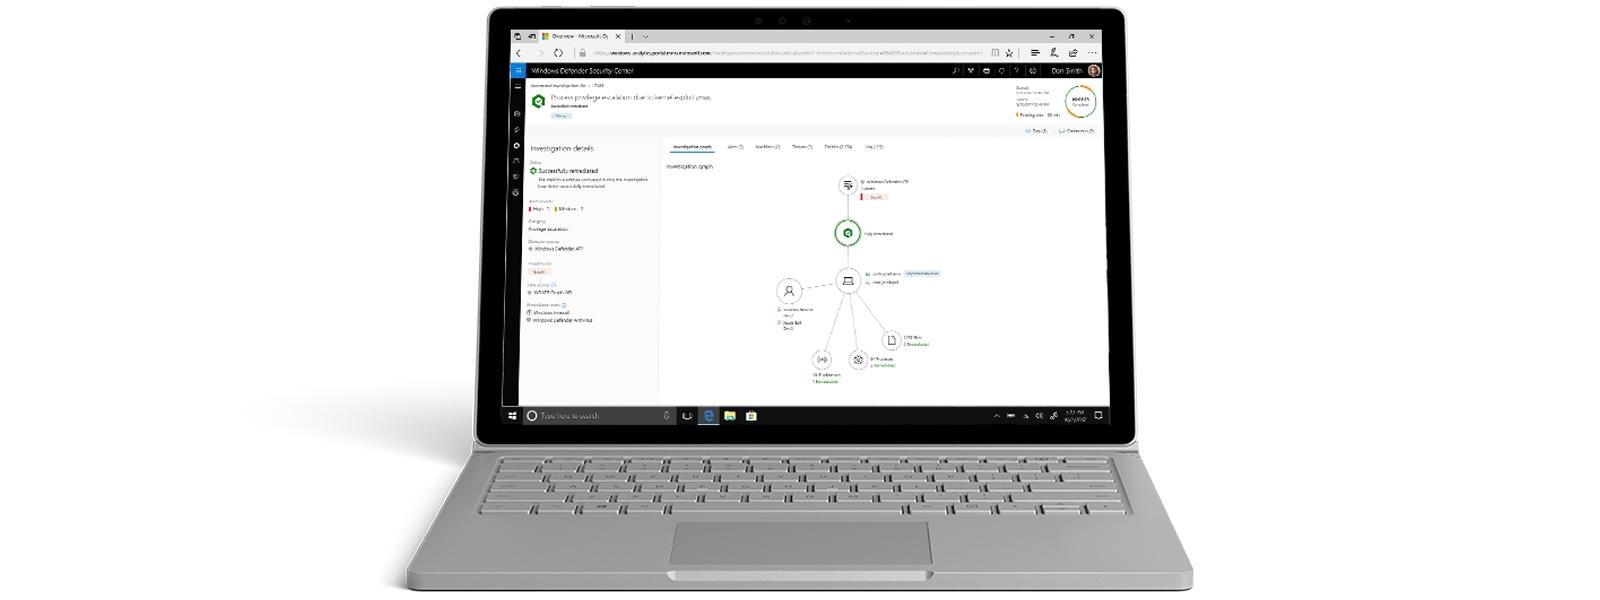 Surface-laptop met Windows Defender-centrum op het scherm